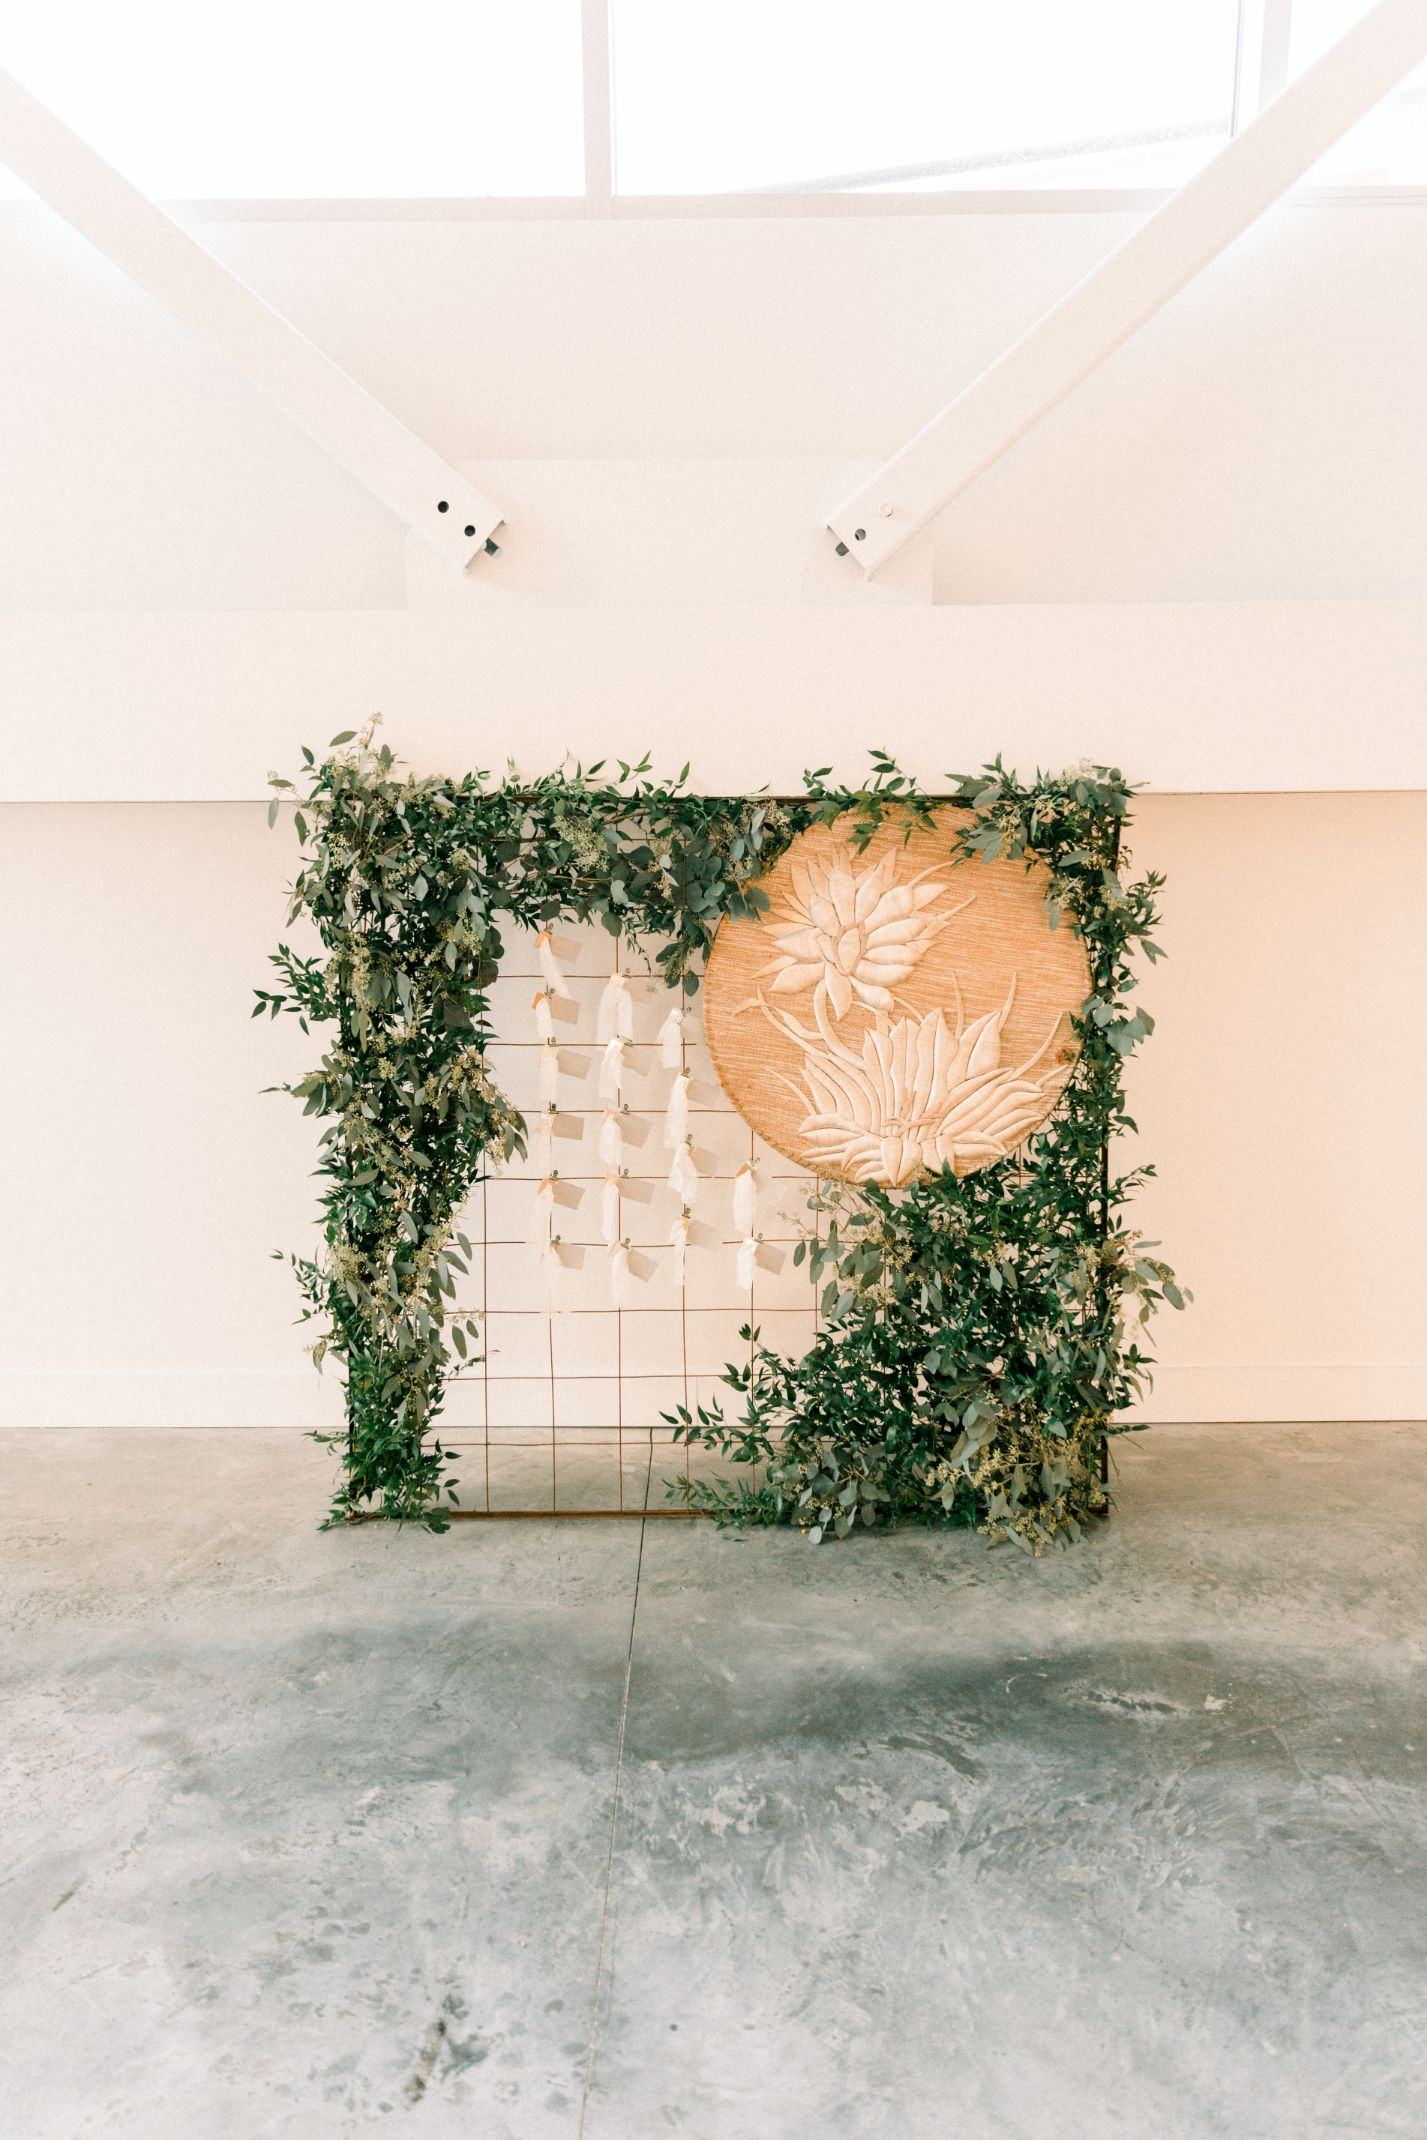 artists-for-humanity-industrial-bohemian-wedding-daylynn-designs45.jpg